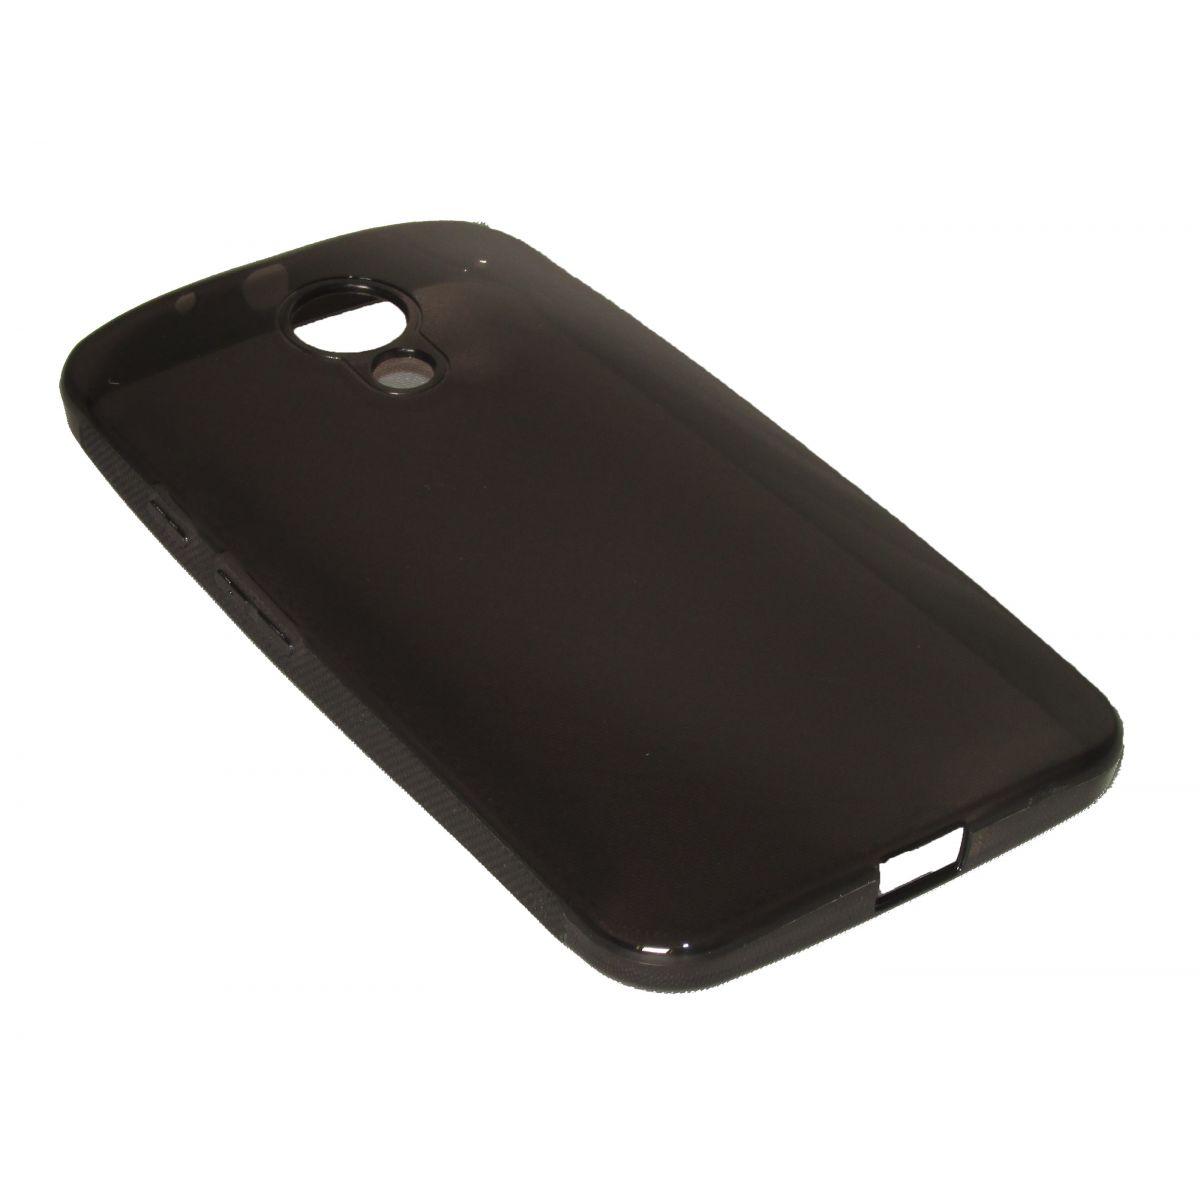 Capa de Tpu Motorola Novo Moto G2 Segunda Geração Xt1069 Xt1068 + Pelicula Grafite